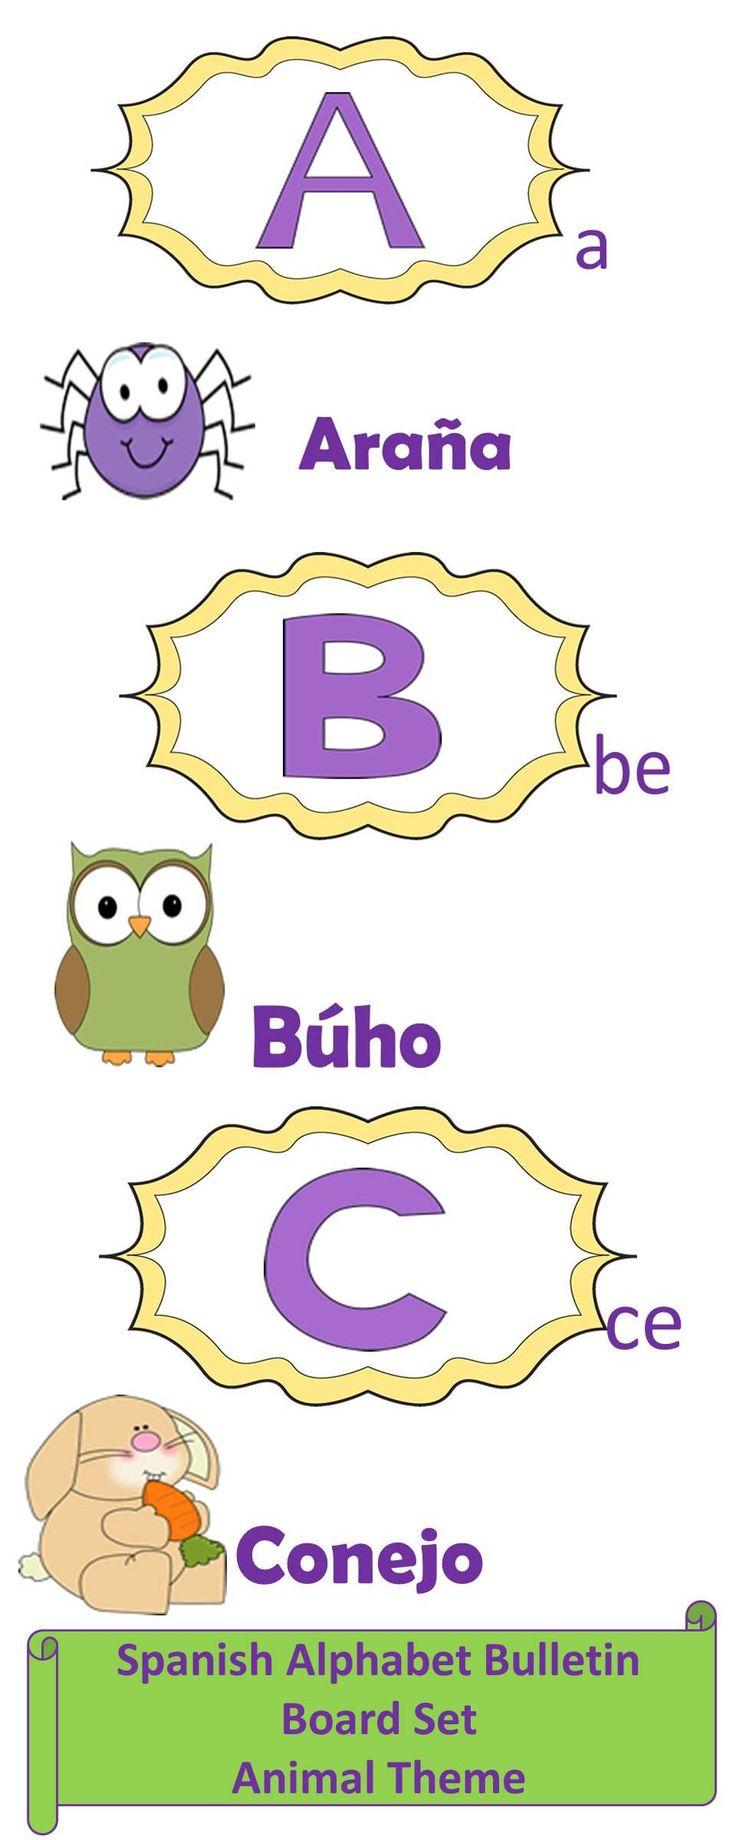 Spanish Alphabet Bulletin Board Set-Animal Theme